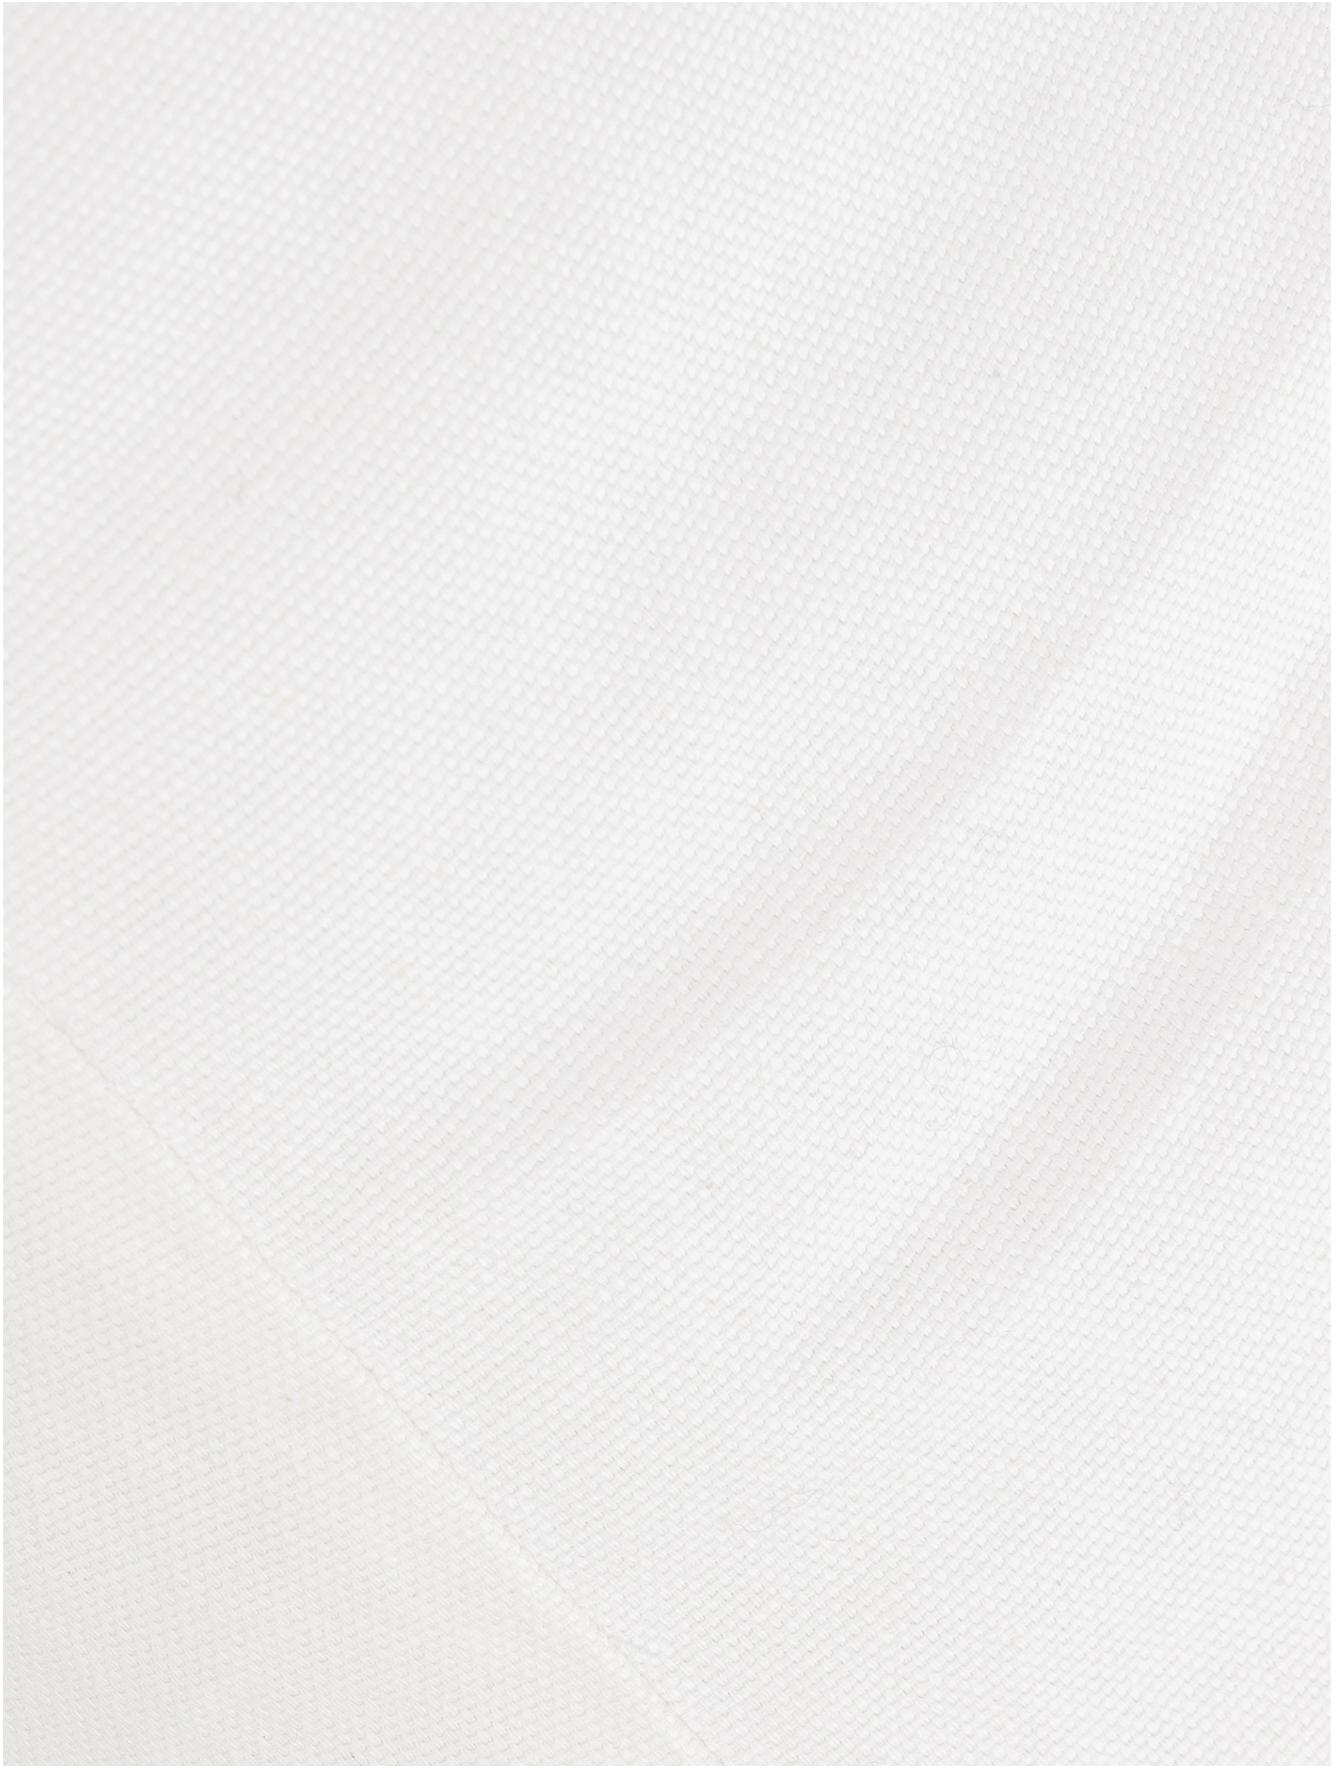 Bambus-Daybed Blond mit Liegepolster, Rahmen: Bambus, Bezug: Baumwolle, Bambusholz, Weiss, B 185 x T 78 cm